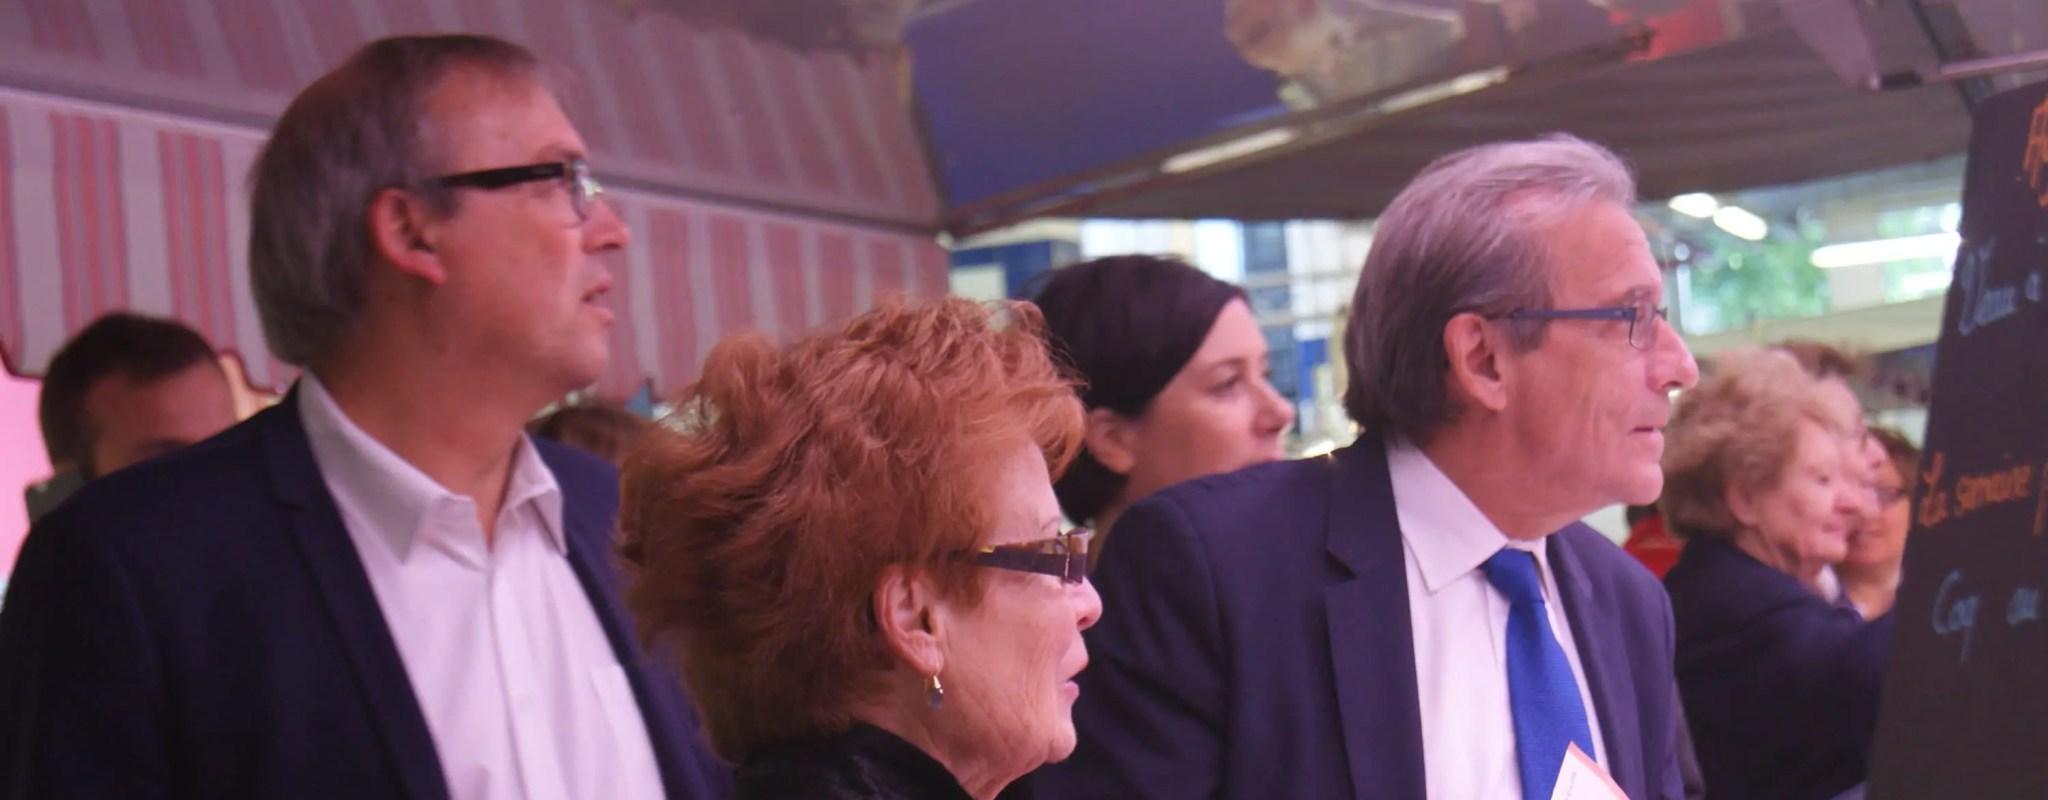 Législatives : la division de la majorité municipale s'affiche à Strasbourg-sud